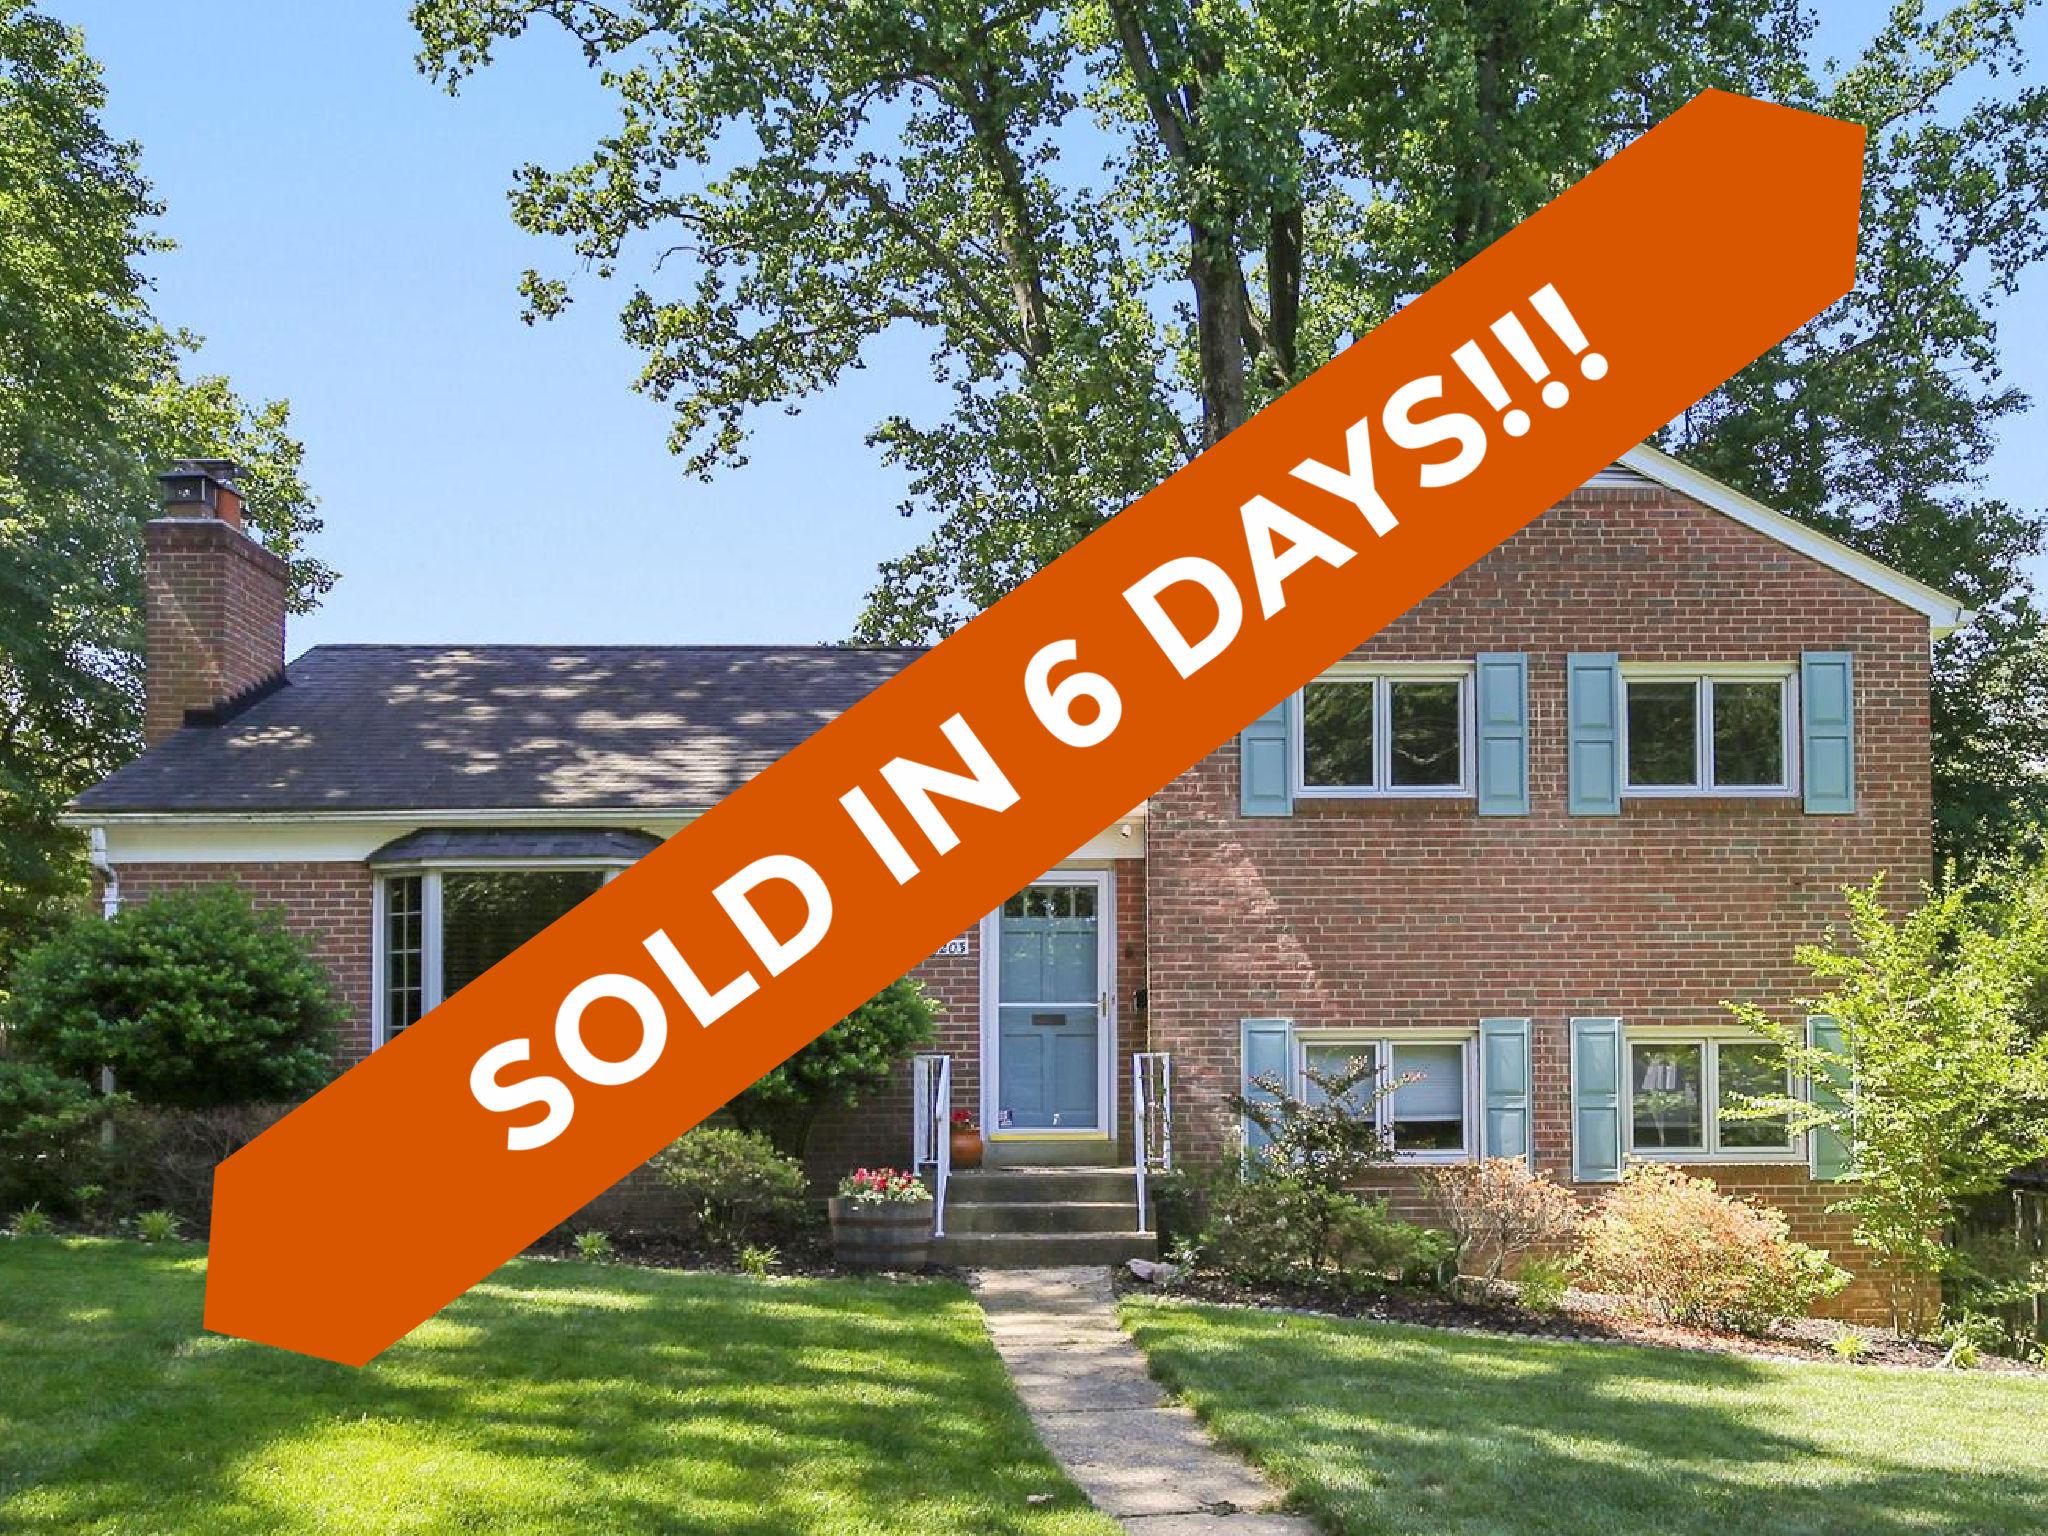 6203 Colmac Dr, Falls Church -Sold